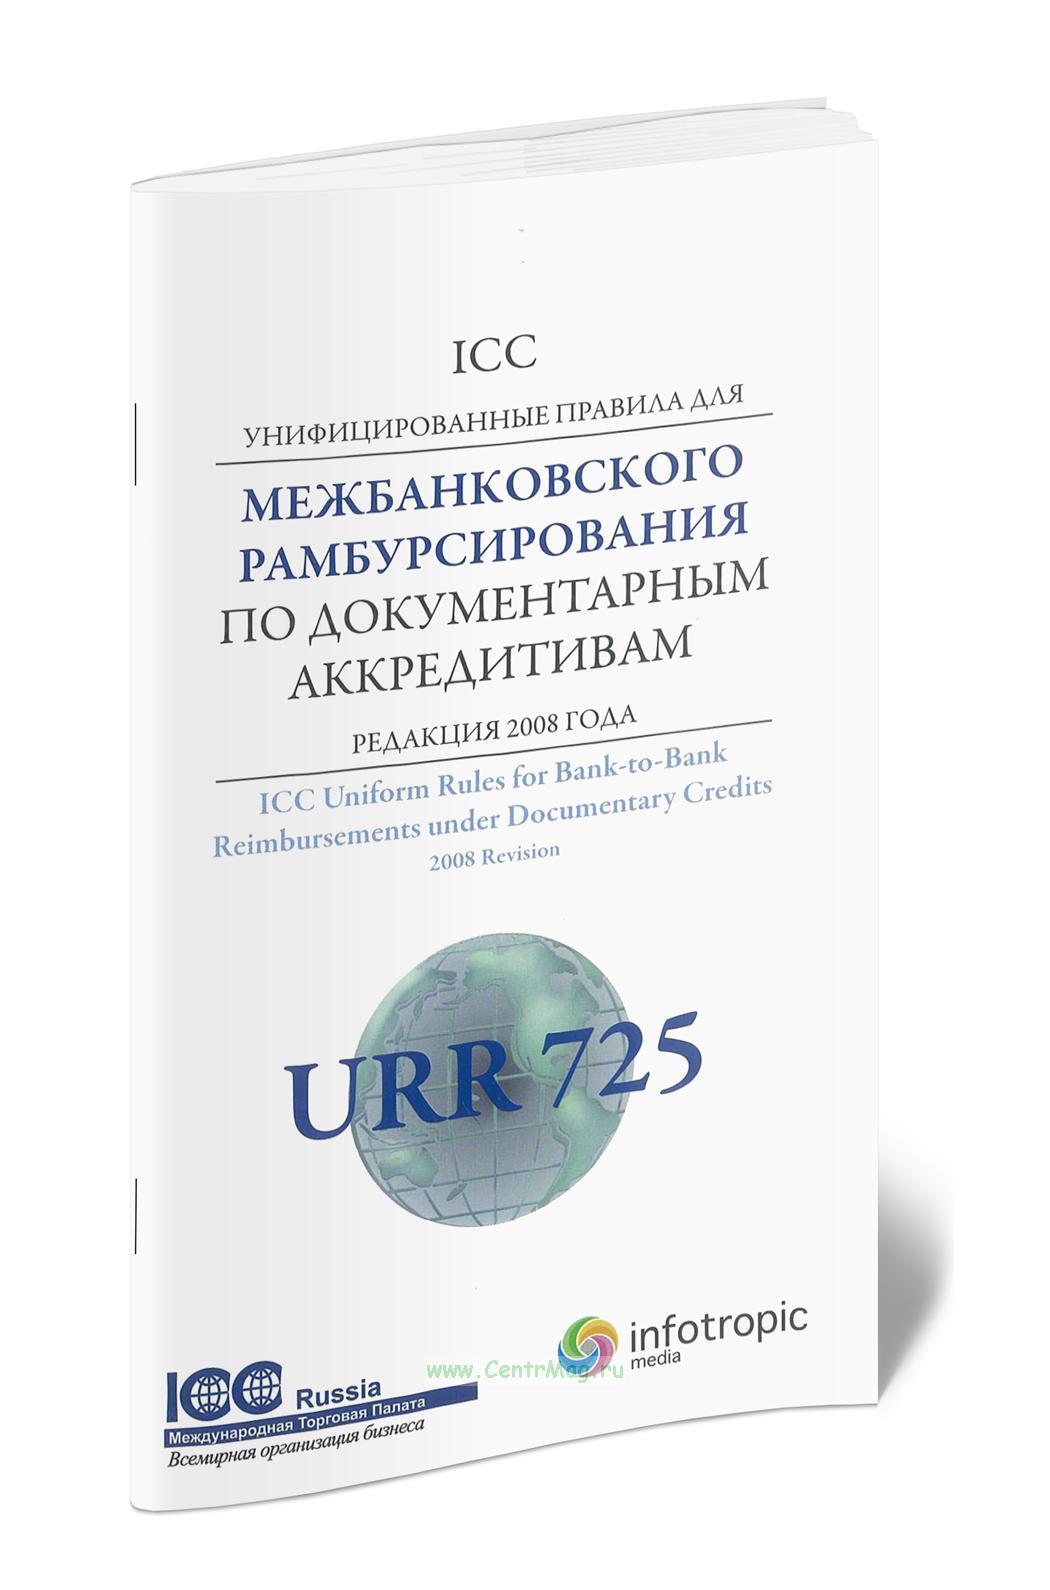 Унифицированные Правила ICC для межбанковского рамбурсирования по документарным аккредитивам. Редакция 2008. Публикация ICC № 725